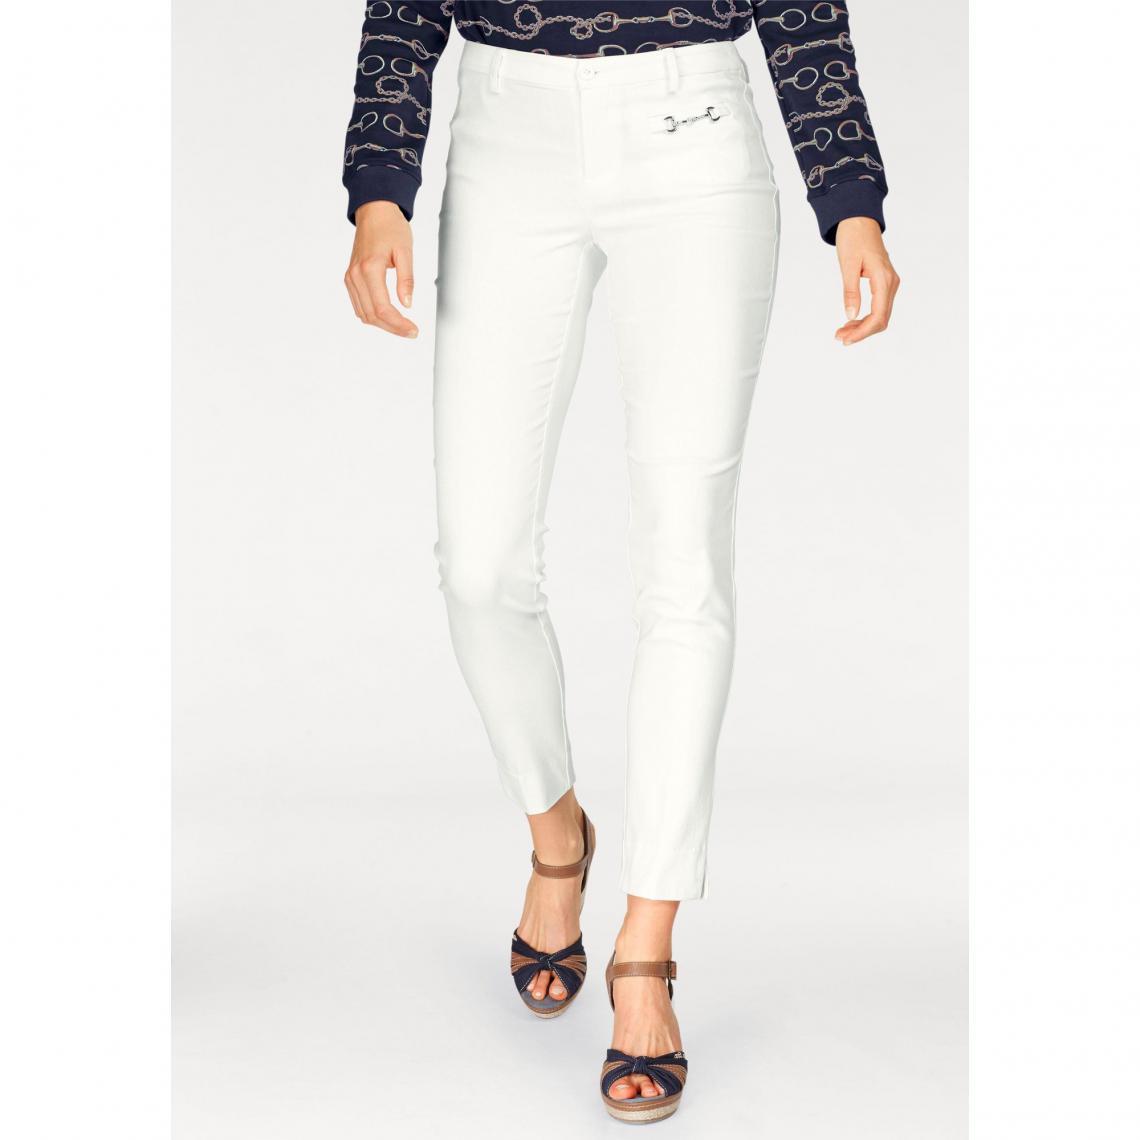 Pantalon coupe droite femme Tom Tailor Polo Team - Blanc Mat | 3 SUISSES